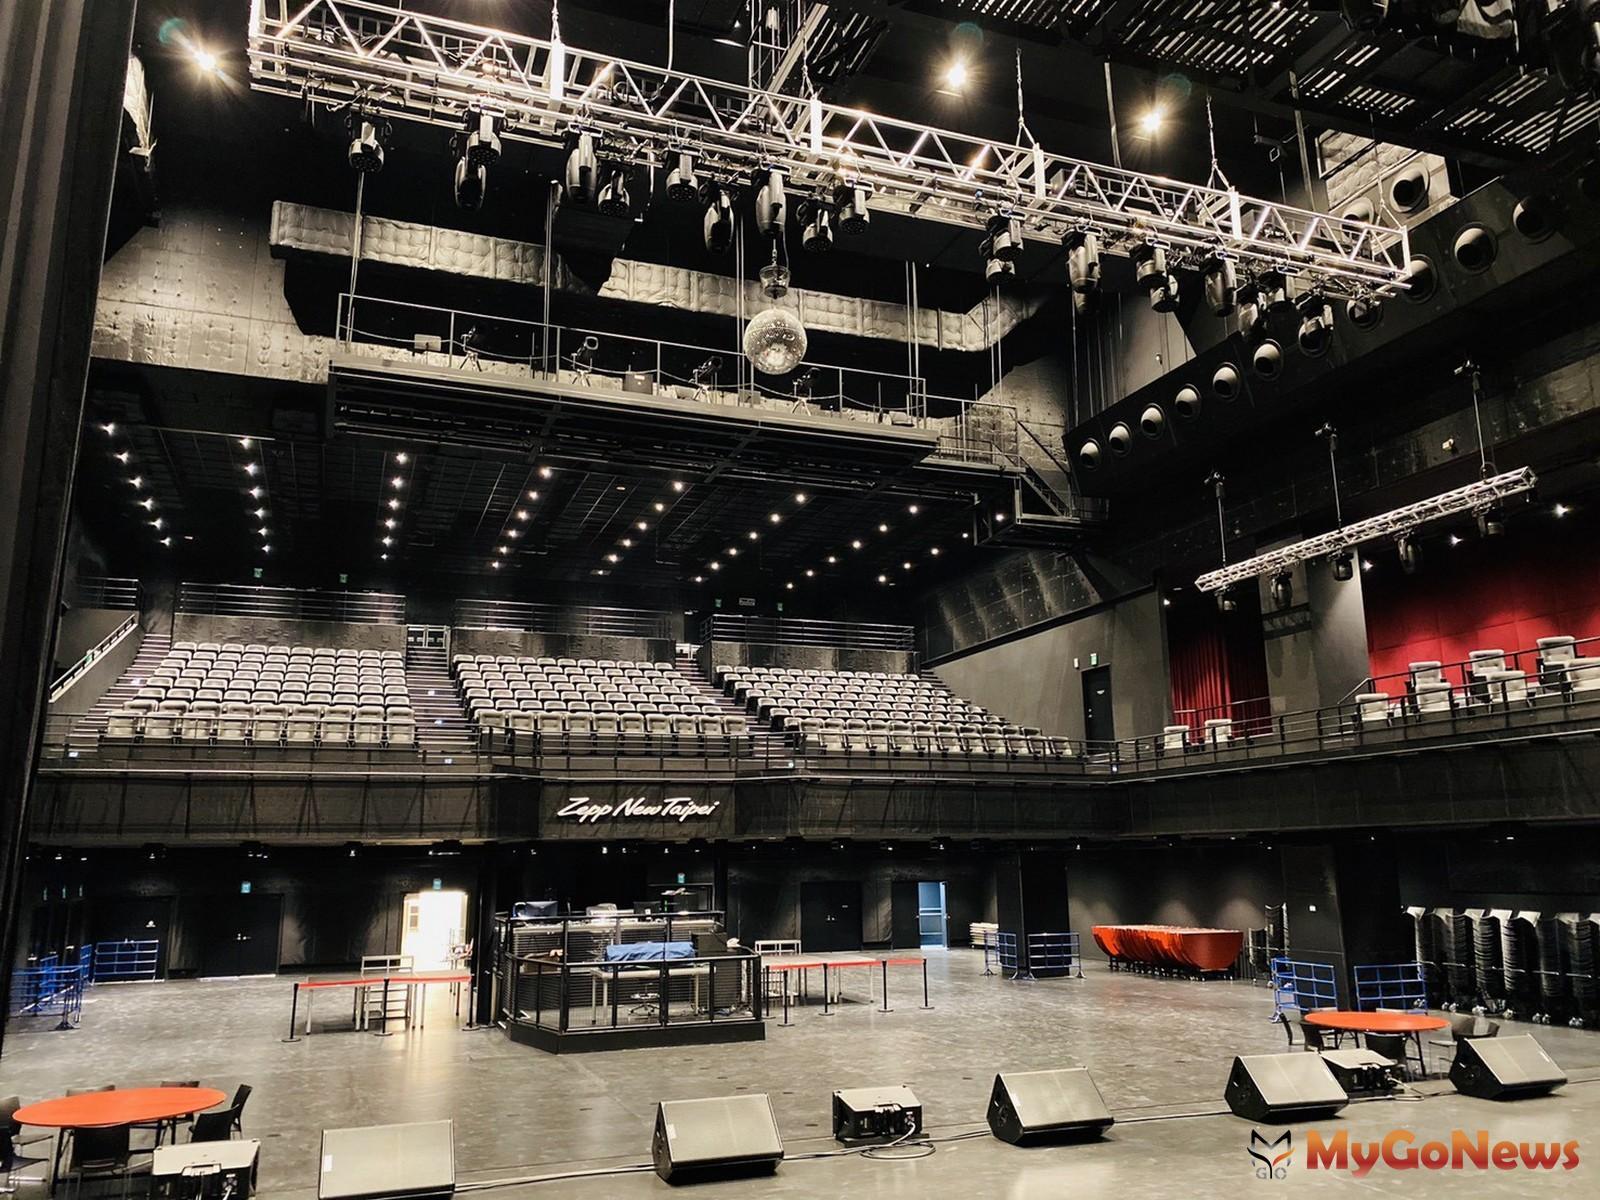 ▲日本Sony+Music集團Live+House品牌「Zepp+New+Taipei」搖滾廳,選擇宏匯廣場成為海外首個單獨據點(宏匯廣場提供)